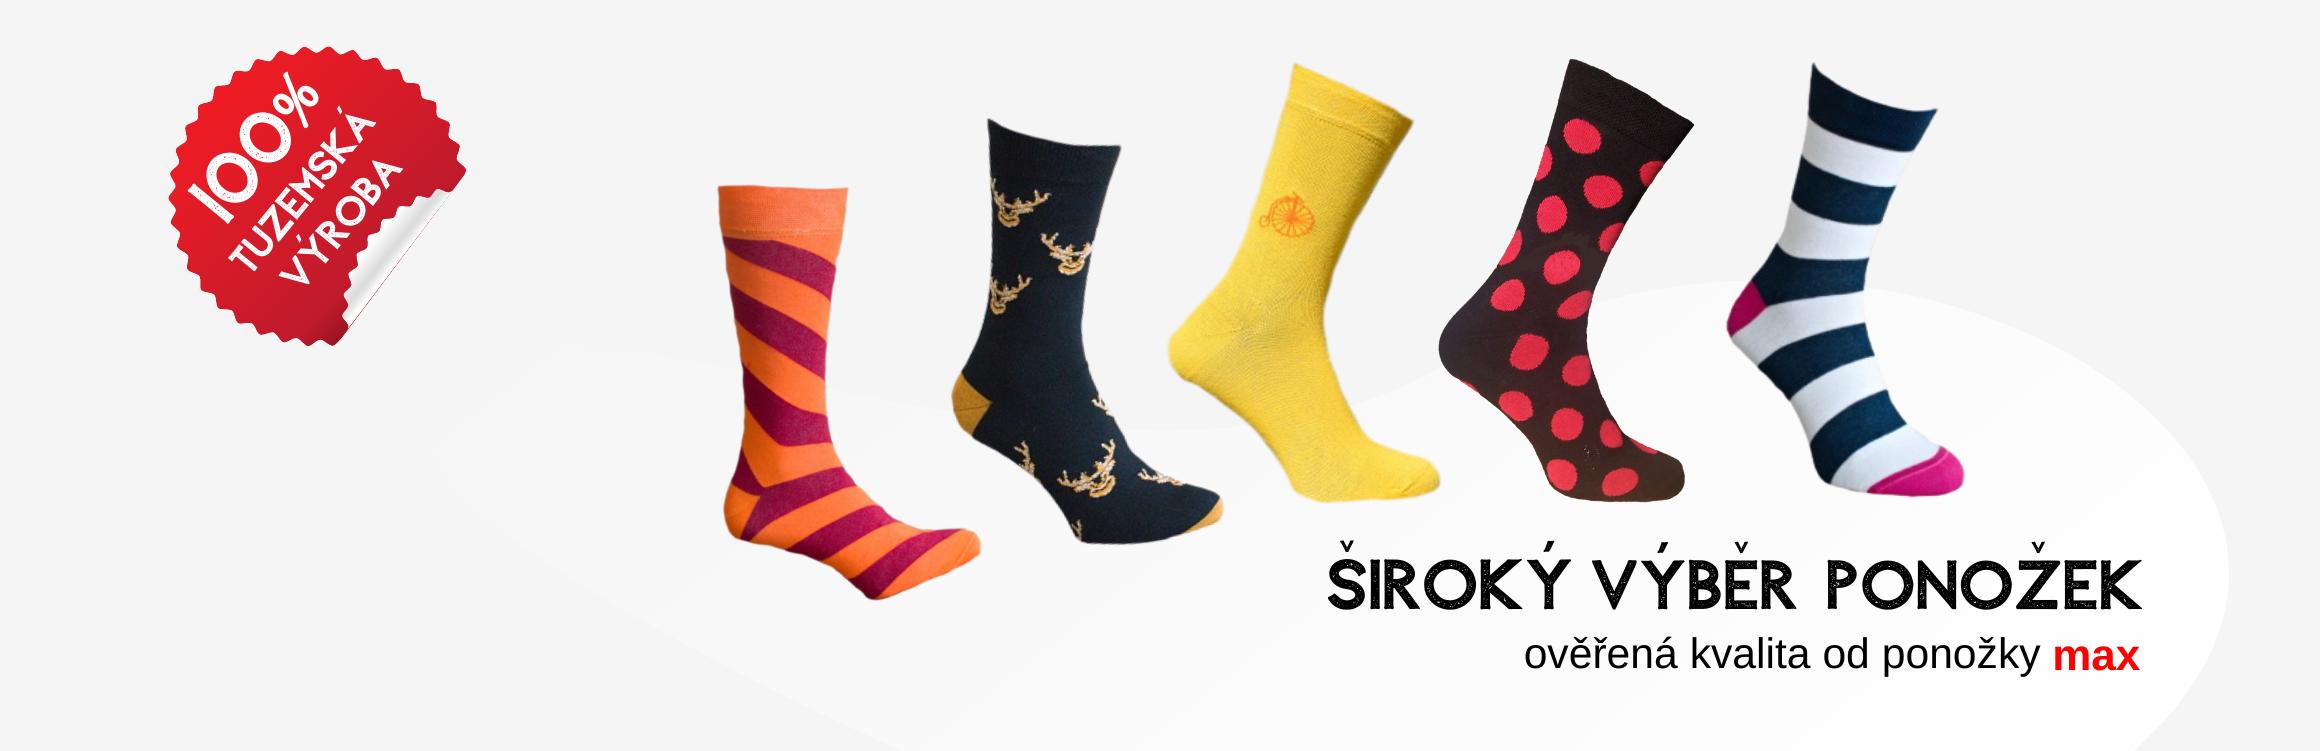 MAX tuzemská výroba ponožek